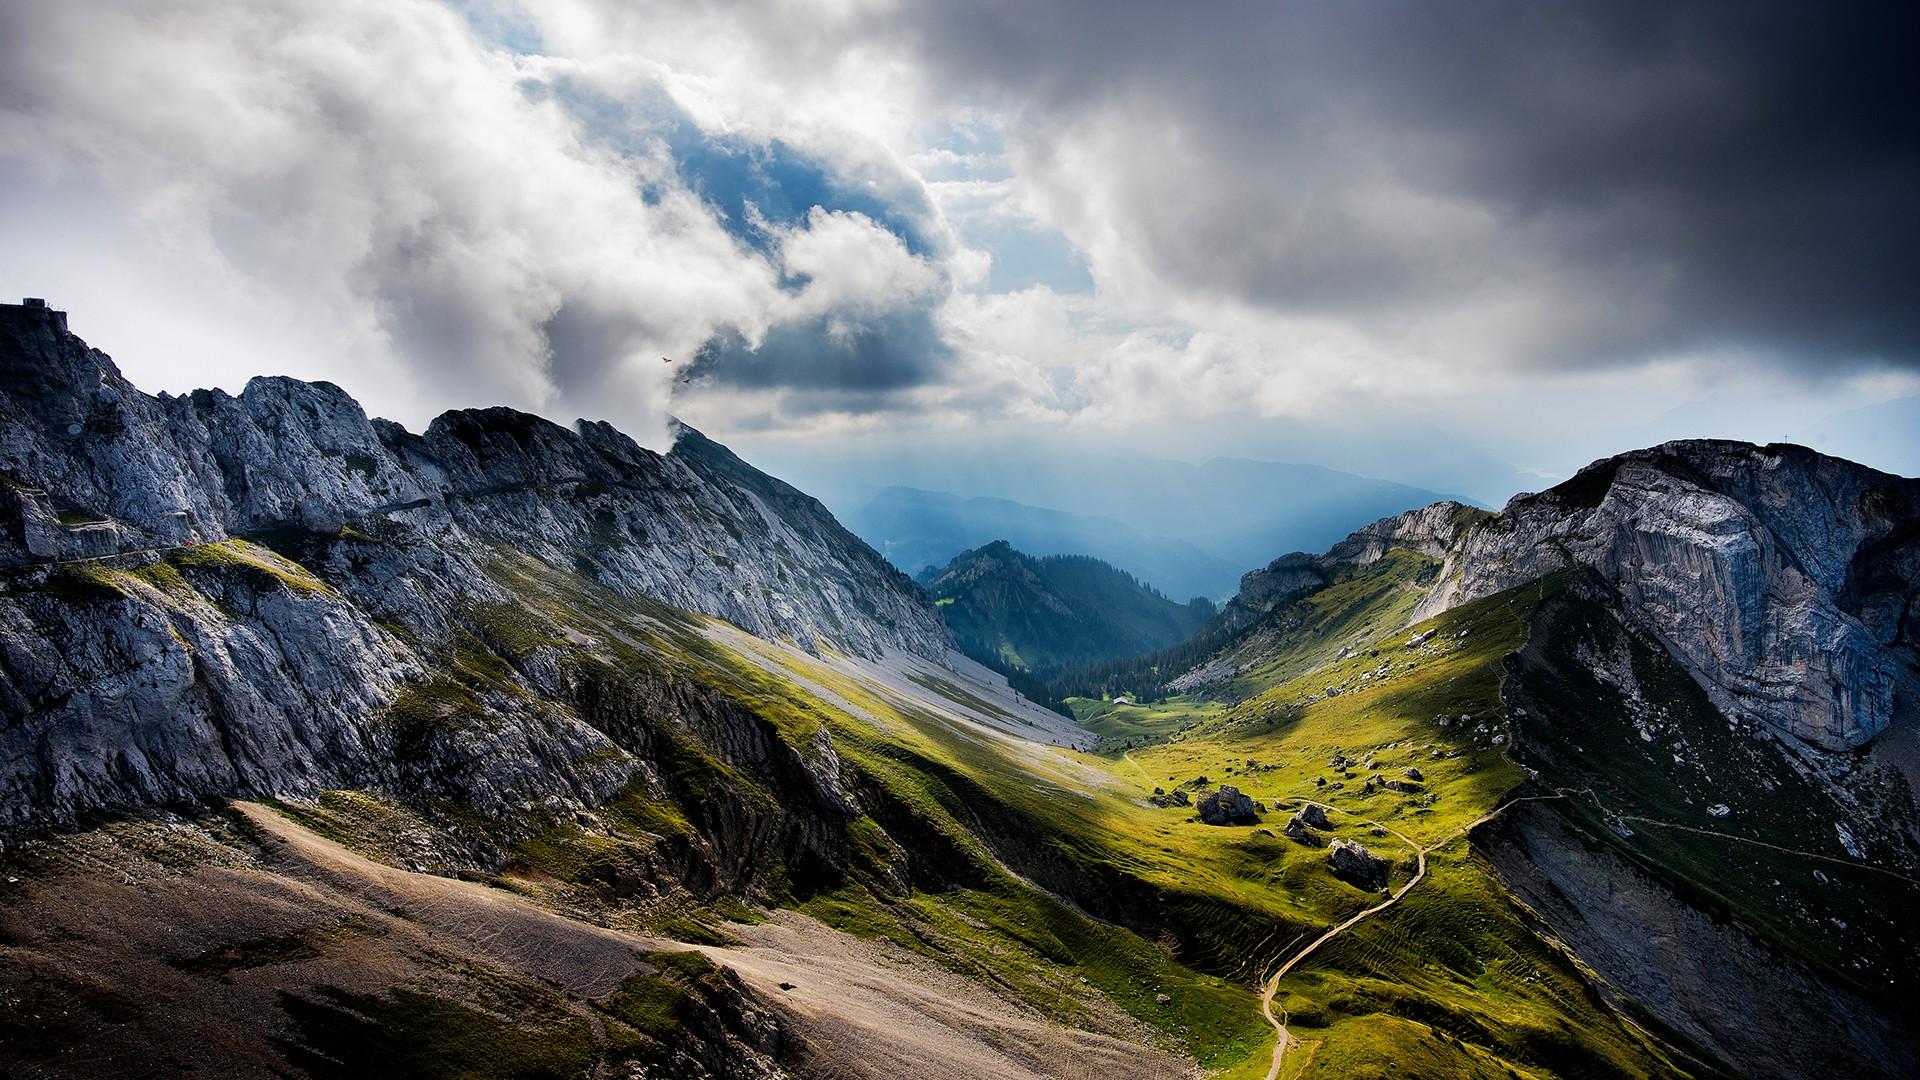 244213-HDR-nature-landscape-clouds-cliff